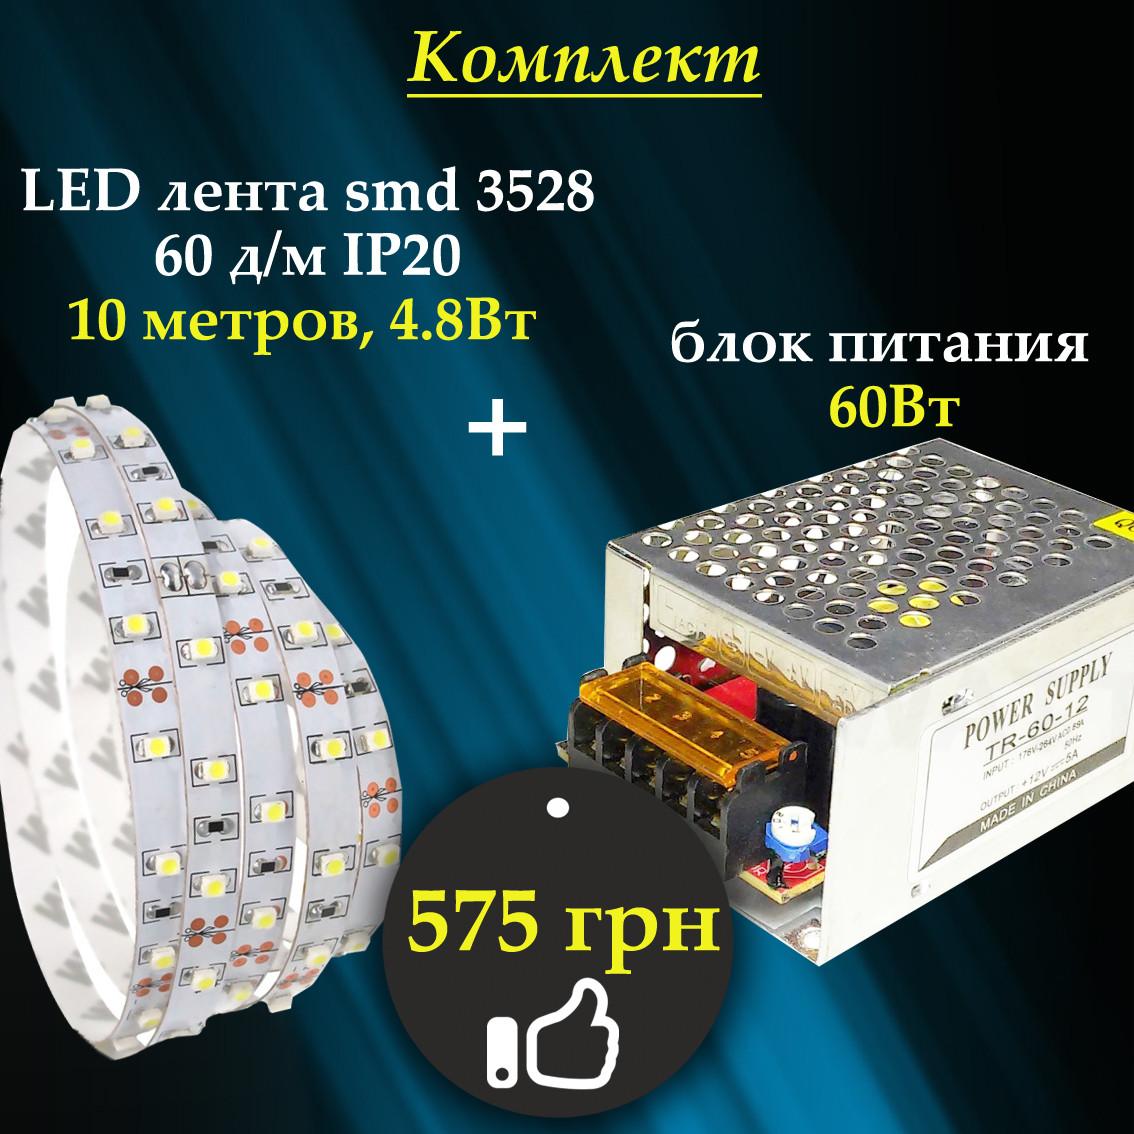 Комплект Светодиодная лента smd 3528/60д + блок питания 60Вт